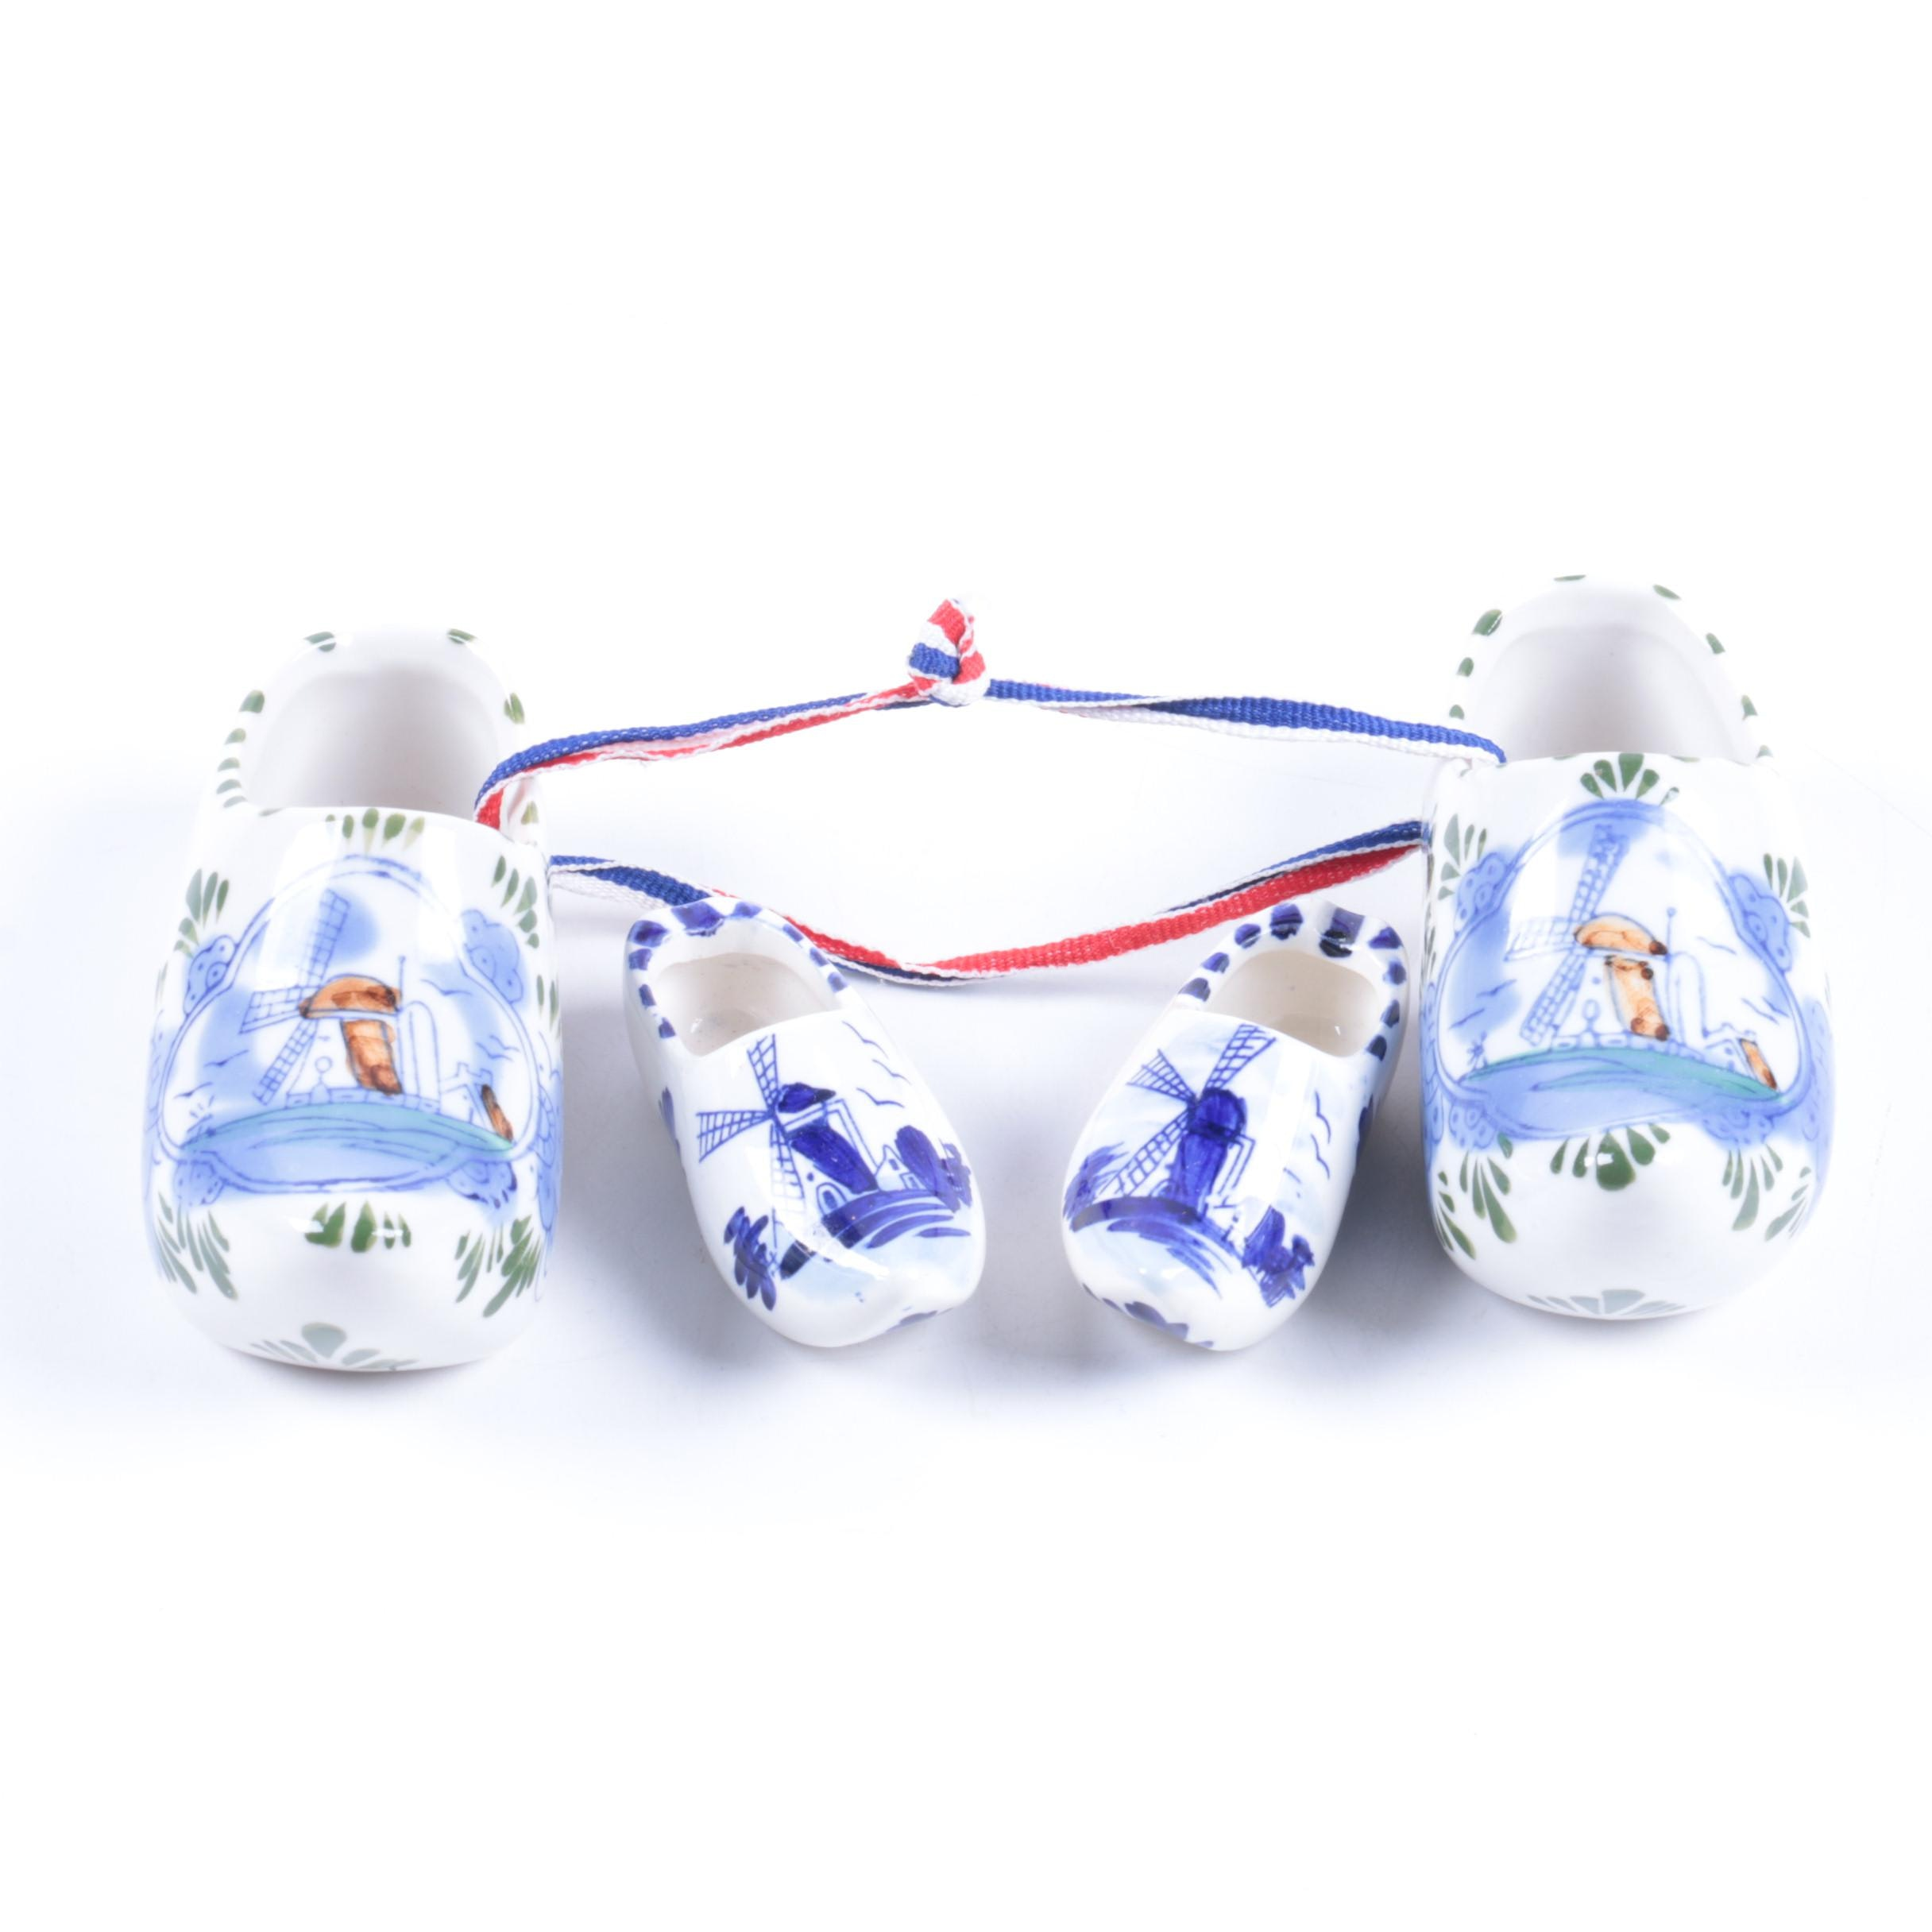 Dutch Ceramic Shoe Figurines